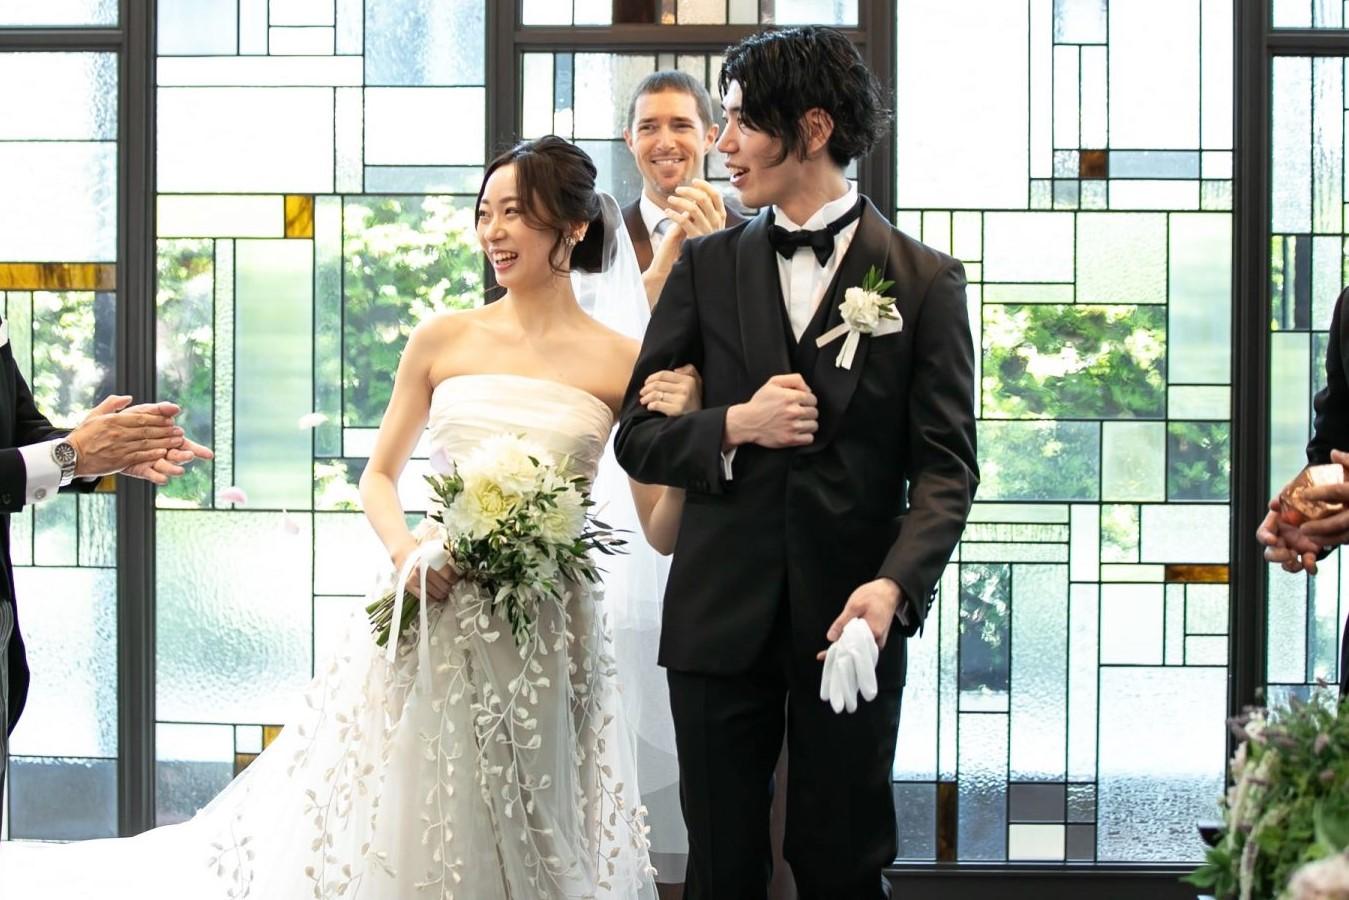 ザ・コンダーハウスでお式や前撮りをされるご新婦様におすすめのオスカーデラレンタのAラインのウェディングドレス